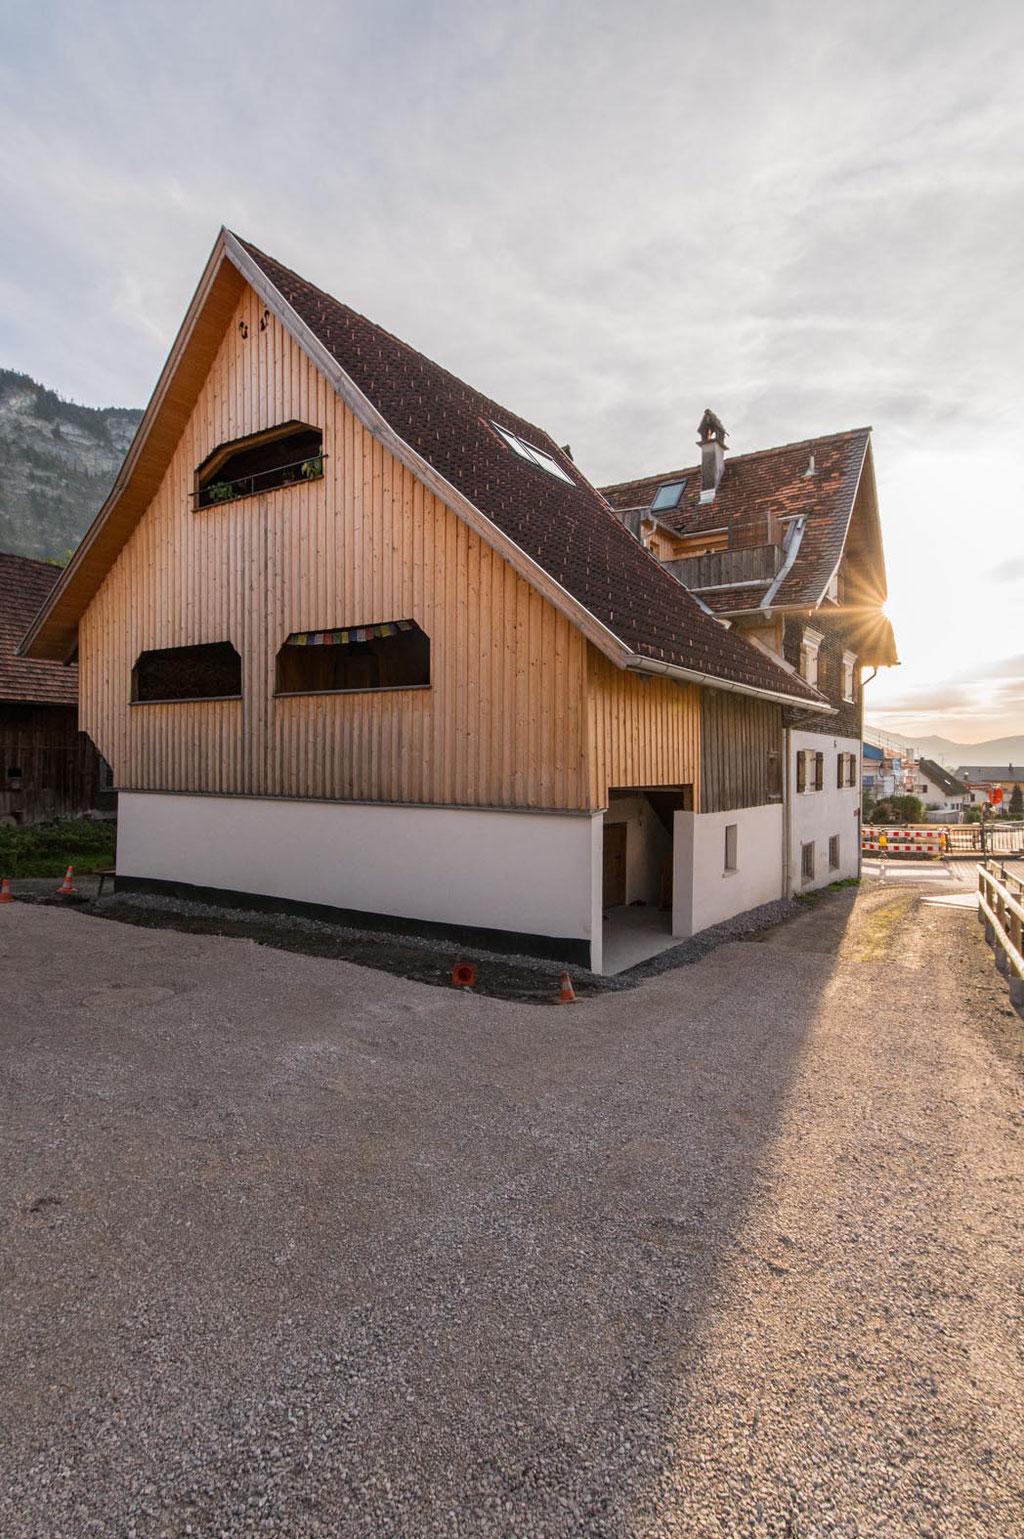 Dachgeschoß Haus Haslachgasse Mühlebach (ARSP, Simone Schleichert, Frank Stasi), Dornbirn (A)